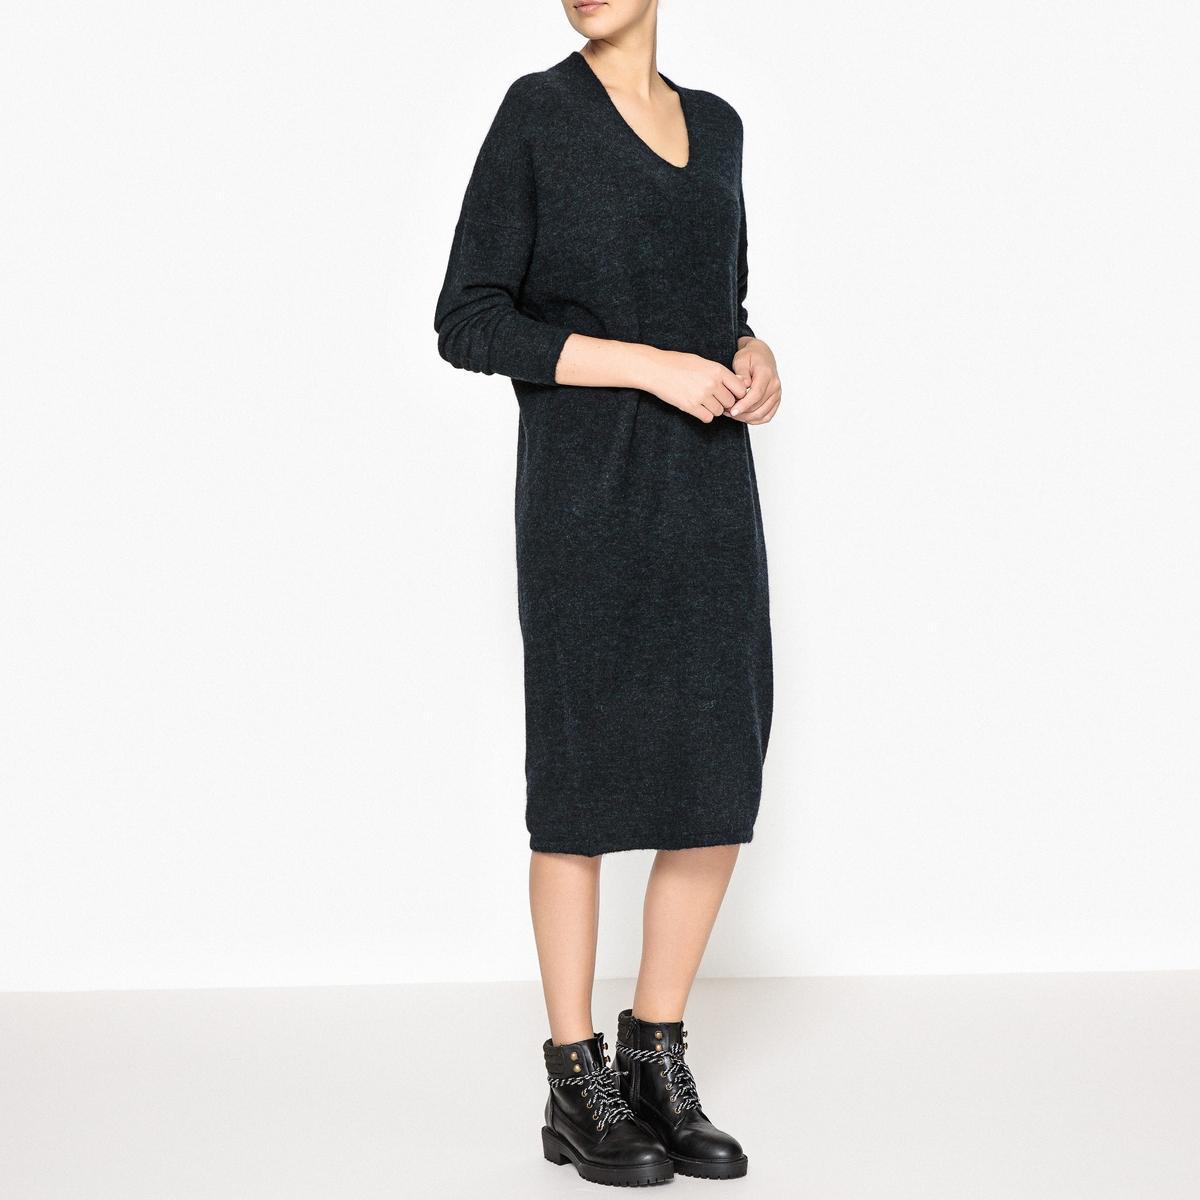 Платье-пуловер PEARL DRESSПлатье-пуловер MES DEMOISELLES - модель PEARL DRESS с V-образным вырезом, из тонкого трикотажа из шерсти и мохера меланж.Детали •  Форма : прямая •  Длина ниже колен •  Длинные рукава     •   V-образный вырезСостав и уход •  6% шерсти, 8% эластана, 42% мохера, 44% полиамида •  Следуйте советам по уходу, указанным на этикетке<br><br>Цвет: темно-синий